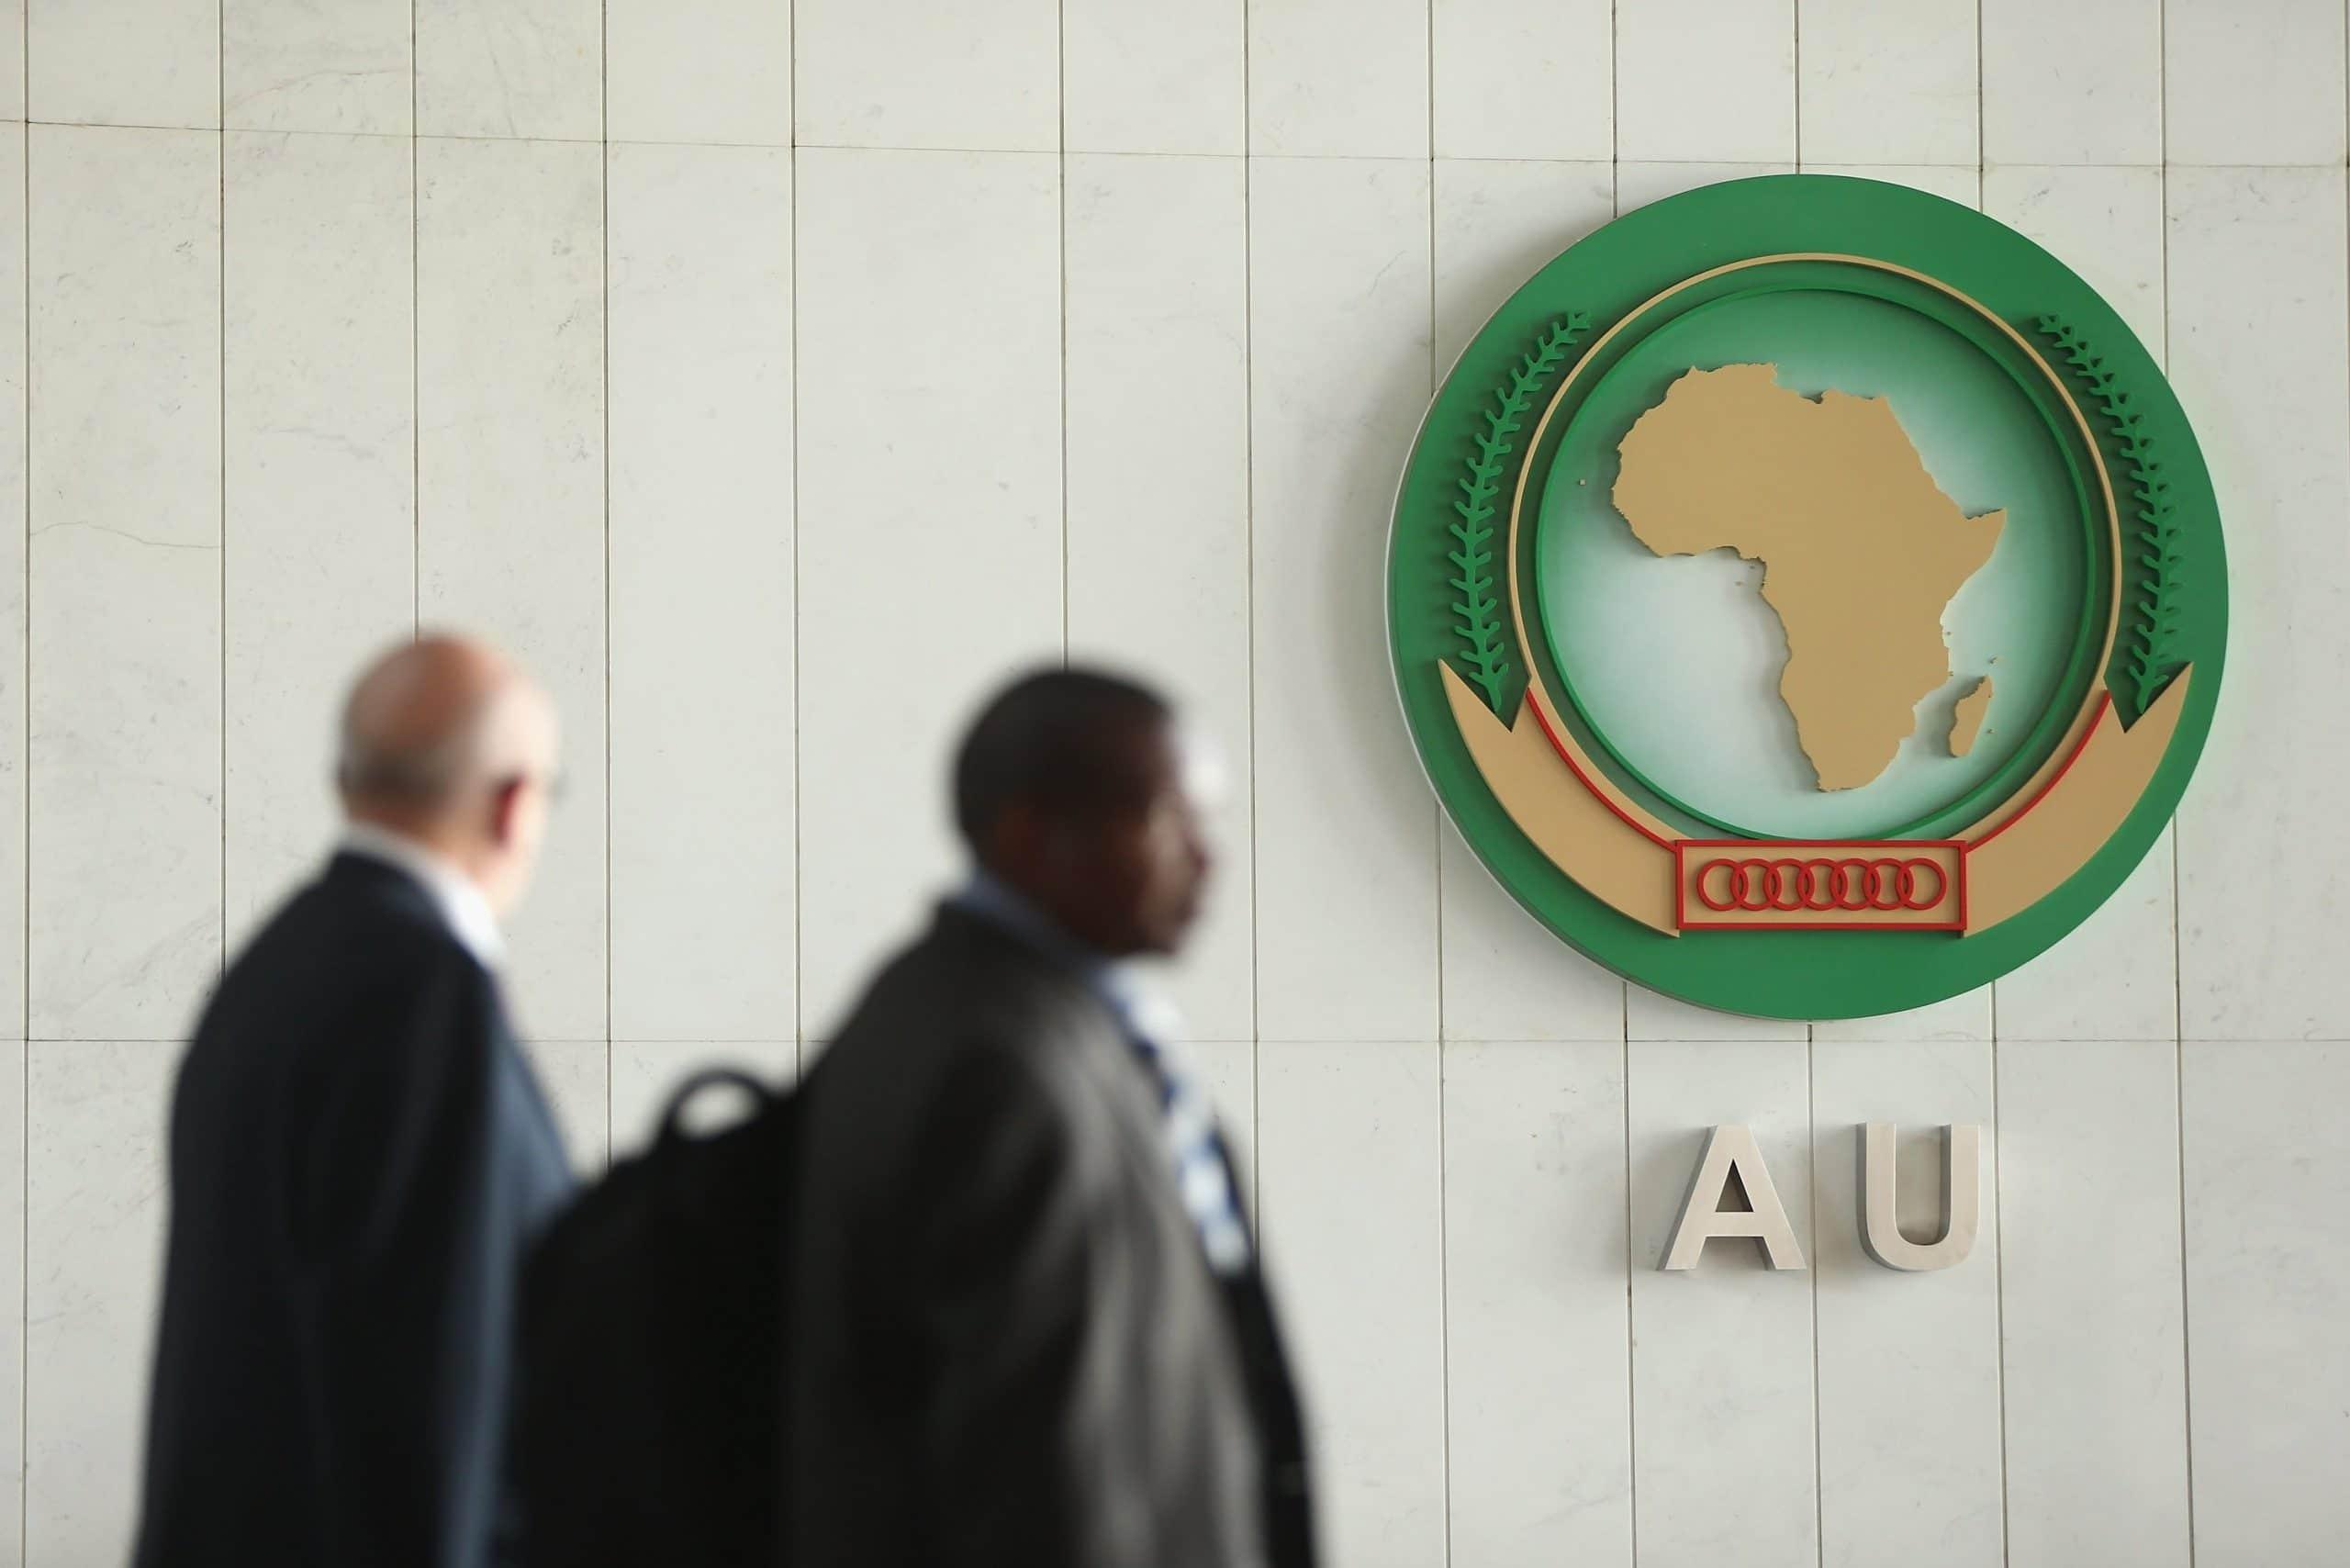 وضع إسرائيل كمراقب في الاتحاد الأفريقي خطأ فادح